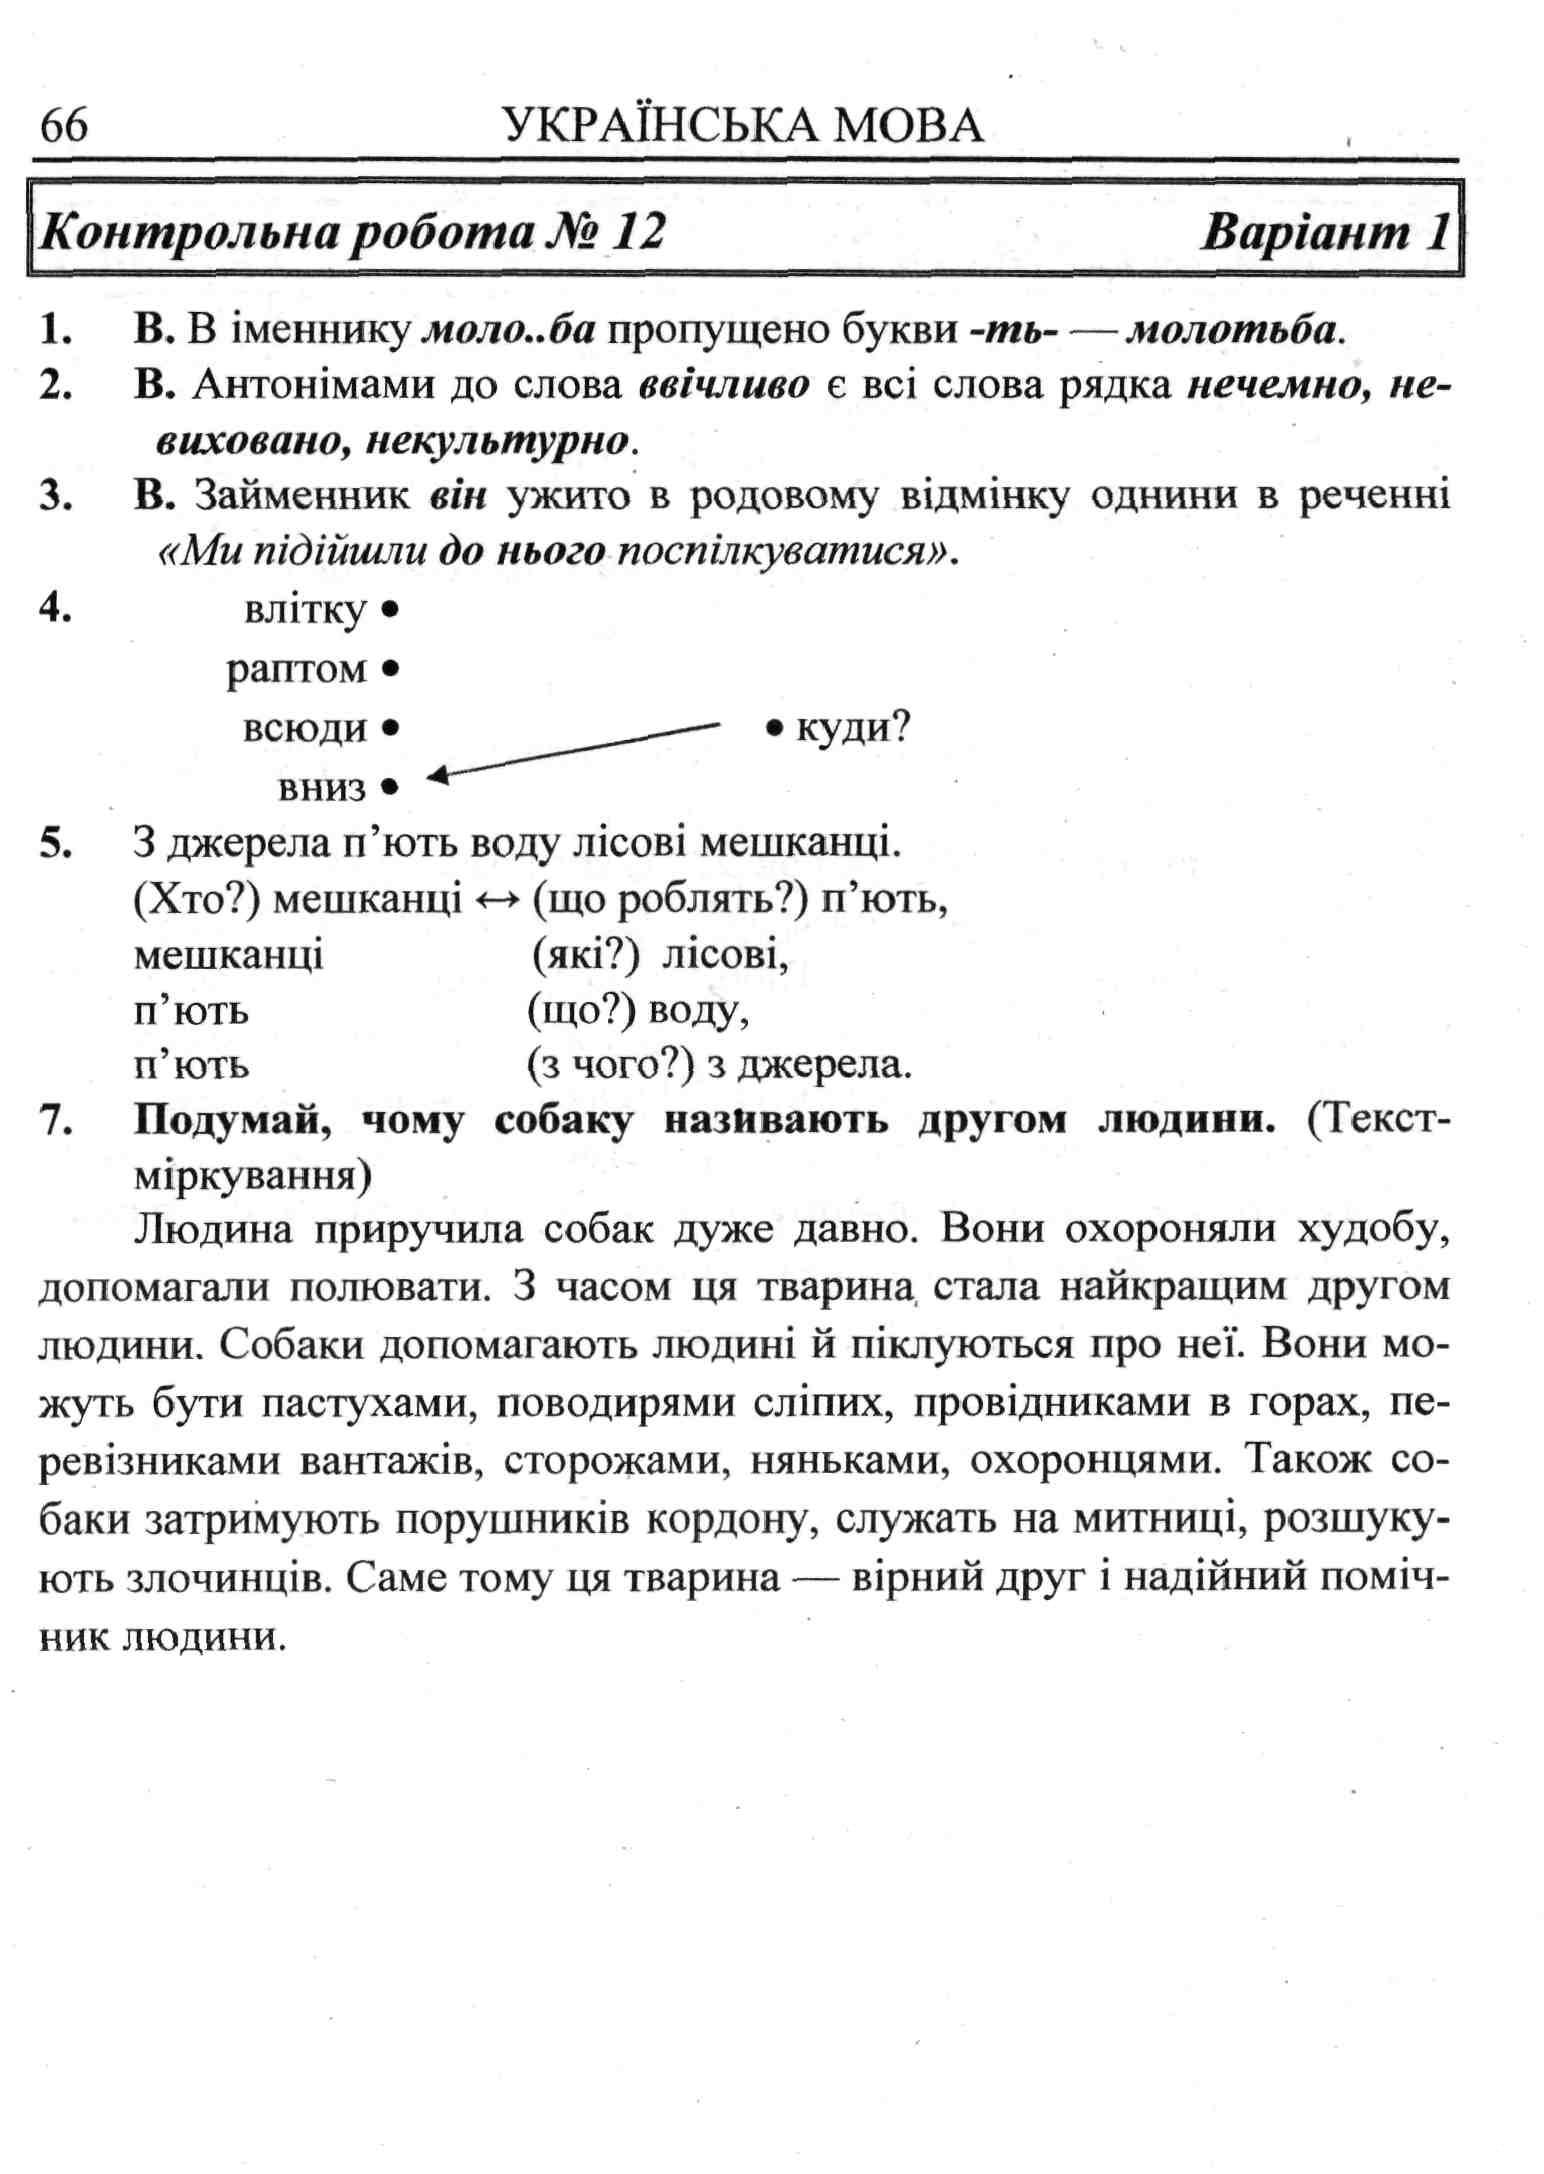 Решебник По Українській Мові 4 Клас Хорошковська